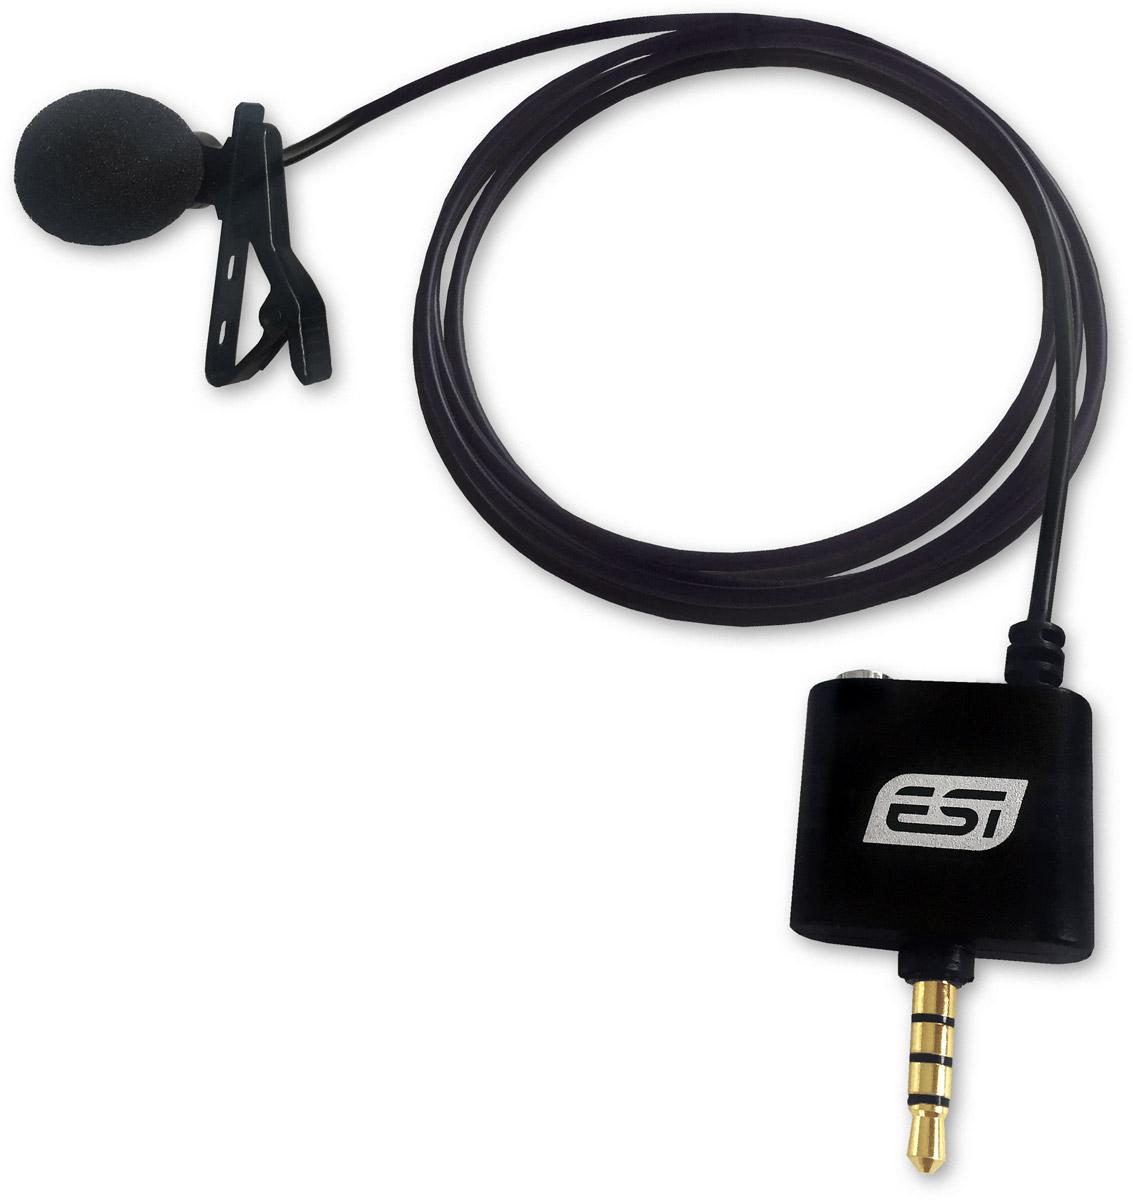 ESI cosMik Lav, Black микрофонcosMik LavESI cosMik Lav — миниатюрный конденсаторный петличный микрофон. Эта модель подключается напрямую к мобильным устройствам на базе iOS/Android и предназначена для записи подкастов, интервью, презентаций и лекций. При этом новинка обеспечивает более высокое качество звука, чем встроенный микрофон вашего девайса. Микрофон с круговой диаграммой направленности Длинный соединительный кабель с 4-контактным разъёмом TRRS Выход на наушники типа миниджек для мониторинга во время записи Поролоновая ветрозащита